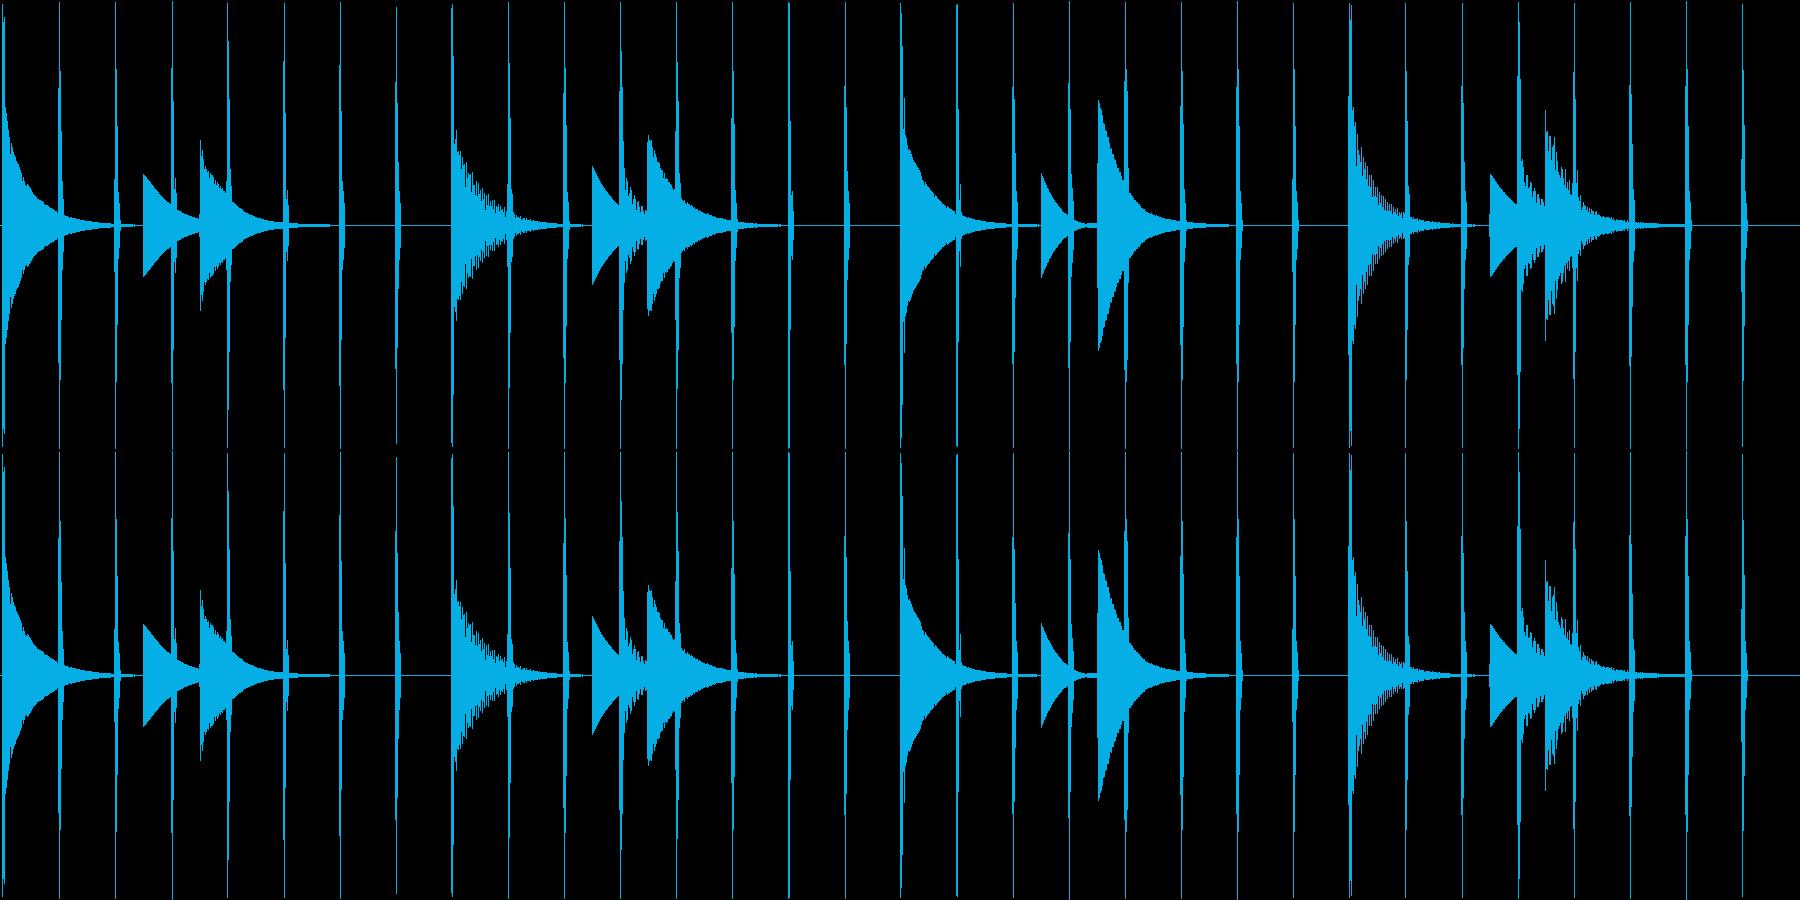 ほのぼのしたシンプルヒーリングエレクトロの再生済みの波形